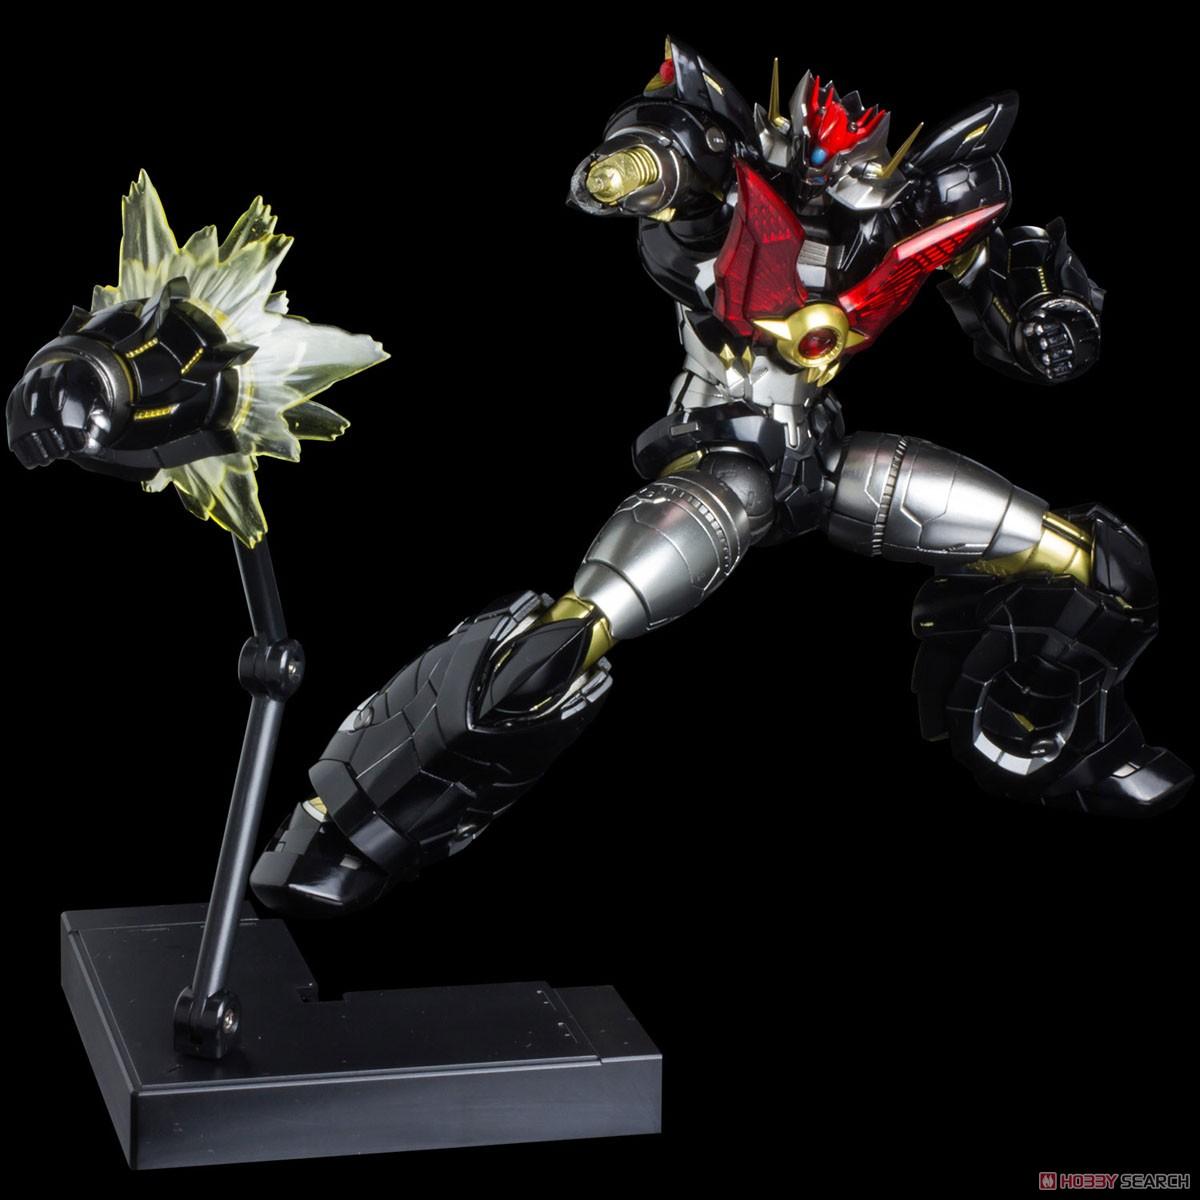 【再販】RIOBOT『マジンカイザー』可動フィギュア-011